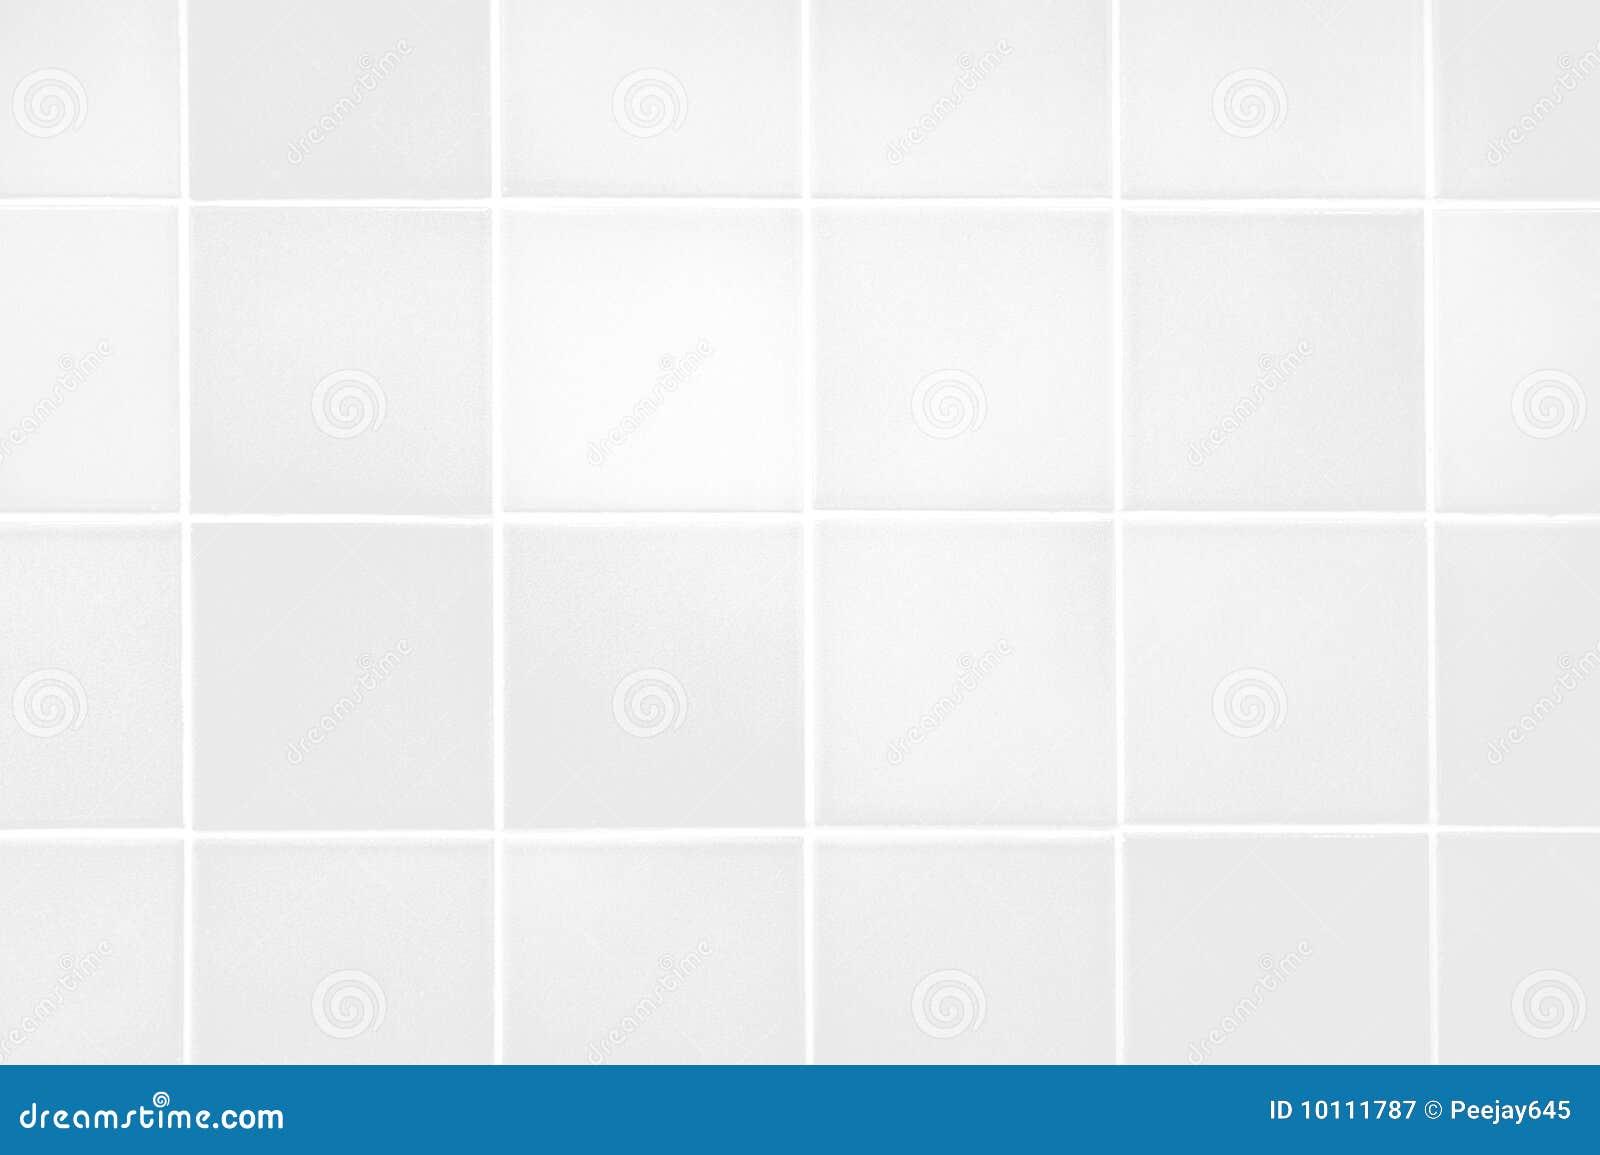 Subway Tile Background White Tile Background Royalty Free Stock Photography  Image 10111787